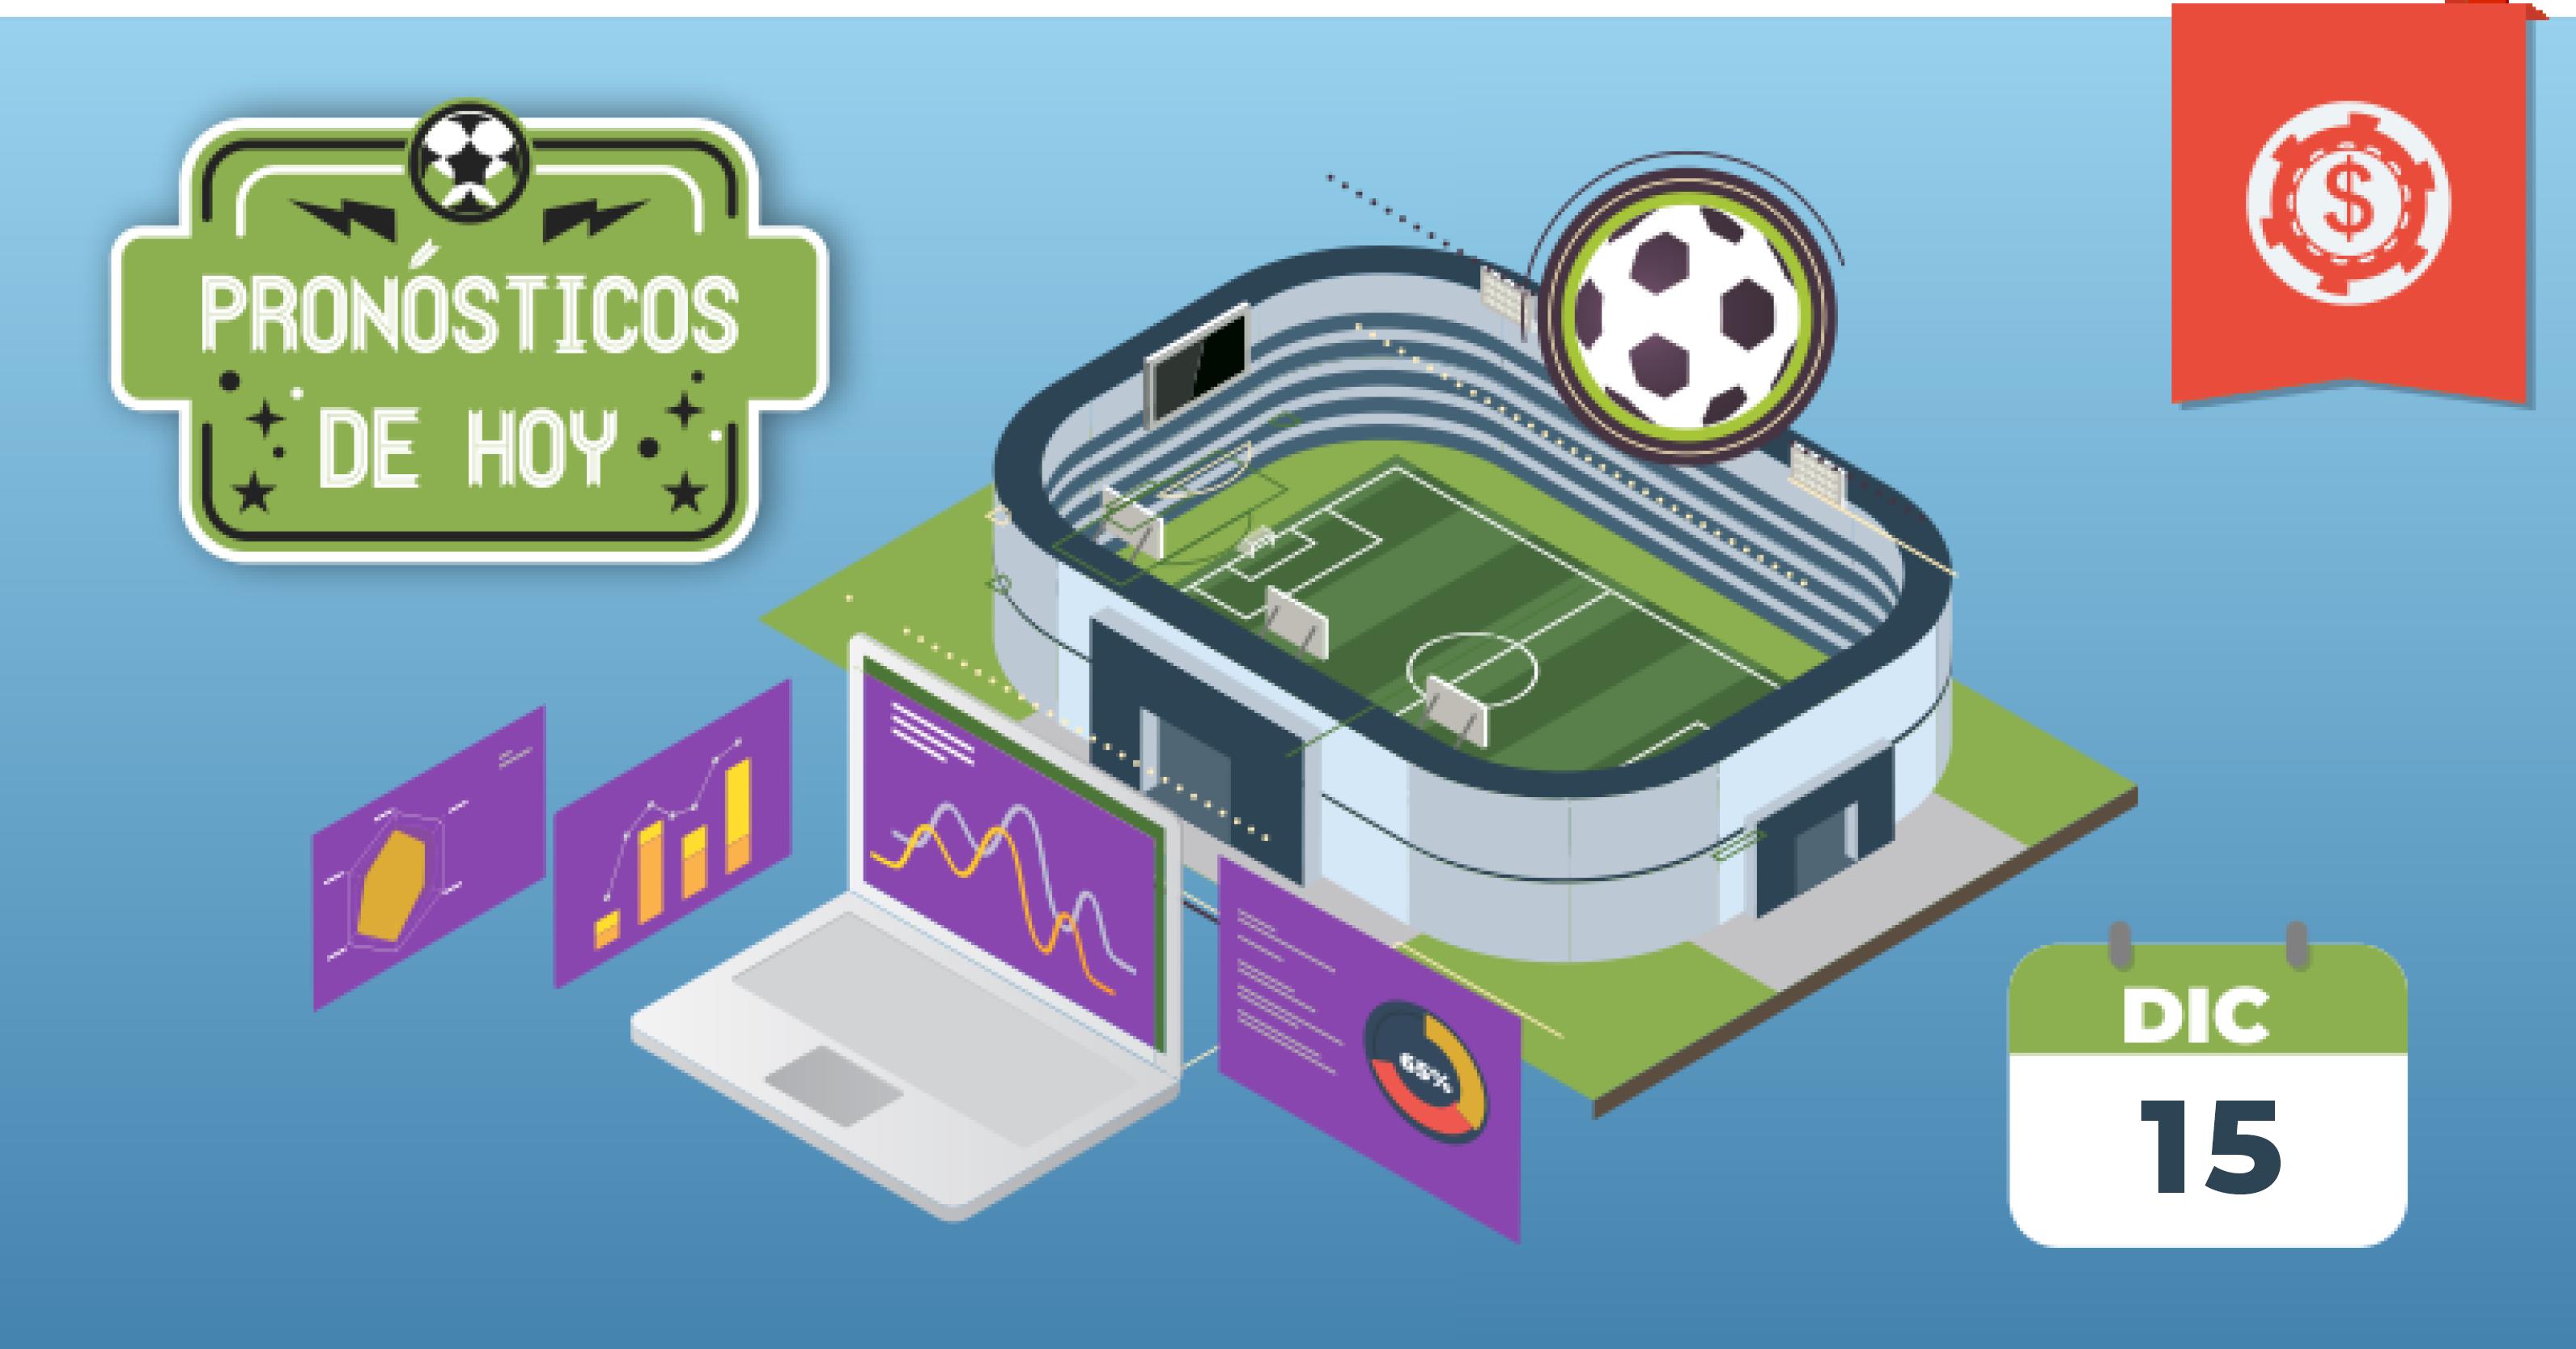 pronosticos-futbol-hoy-predicciones-15-diciembre-2019